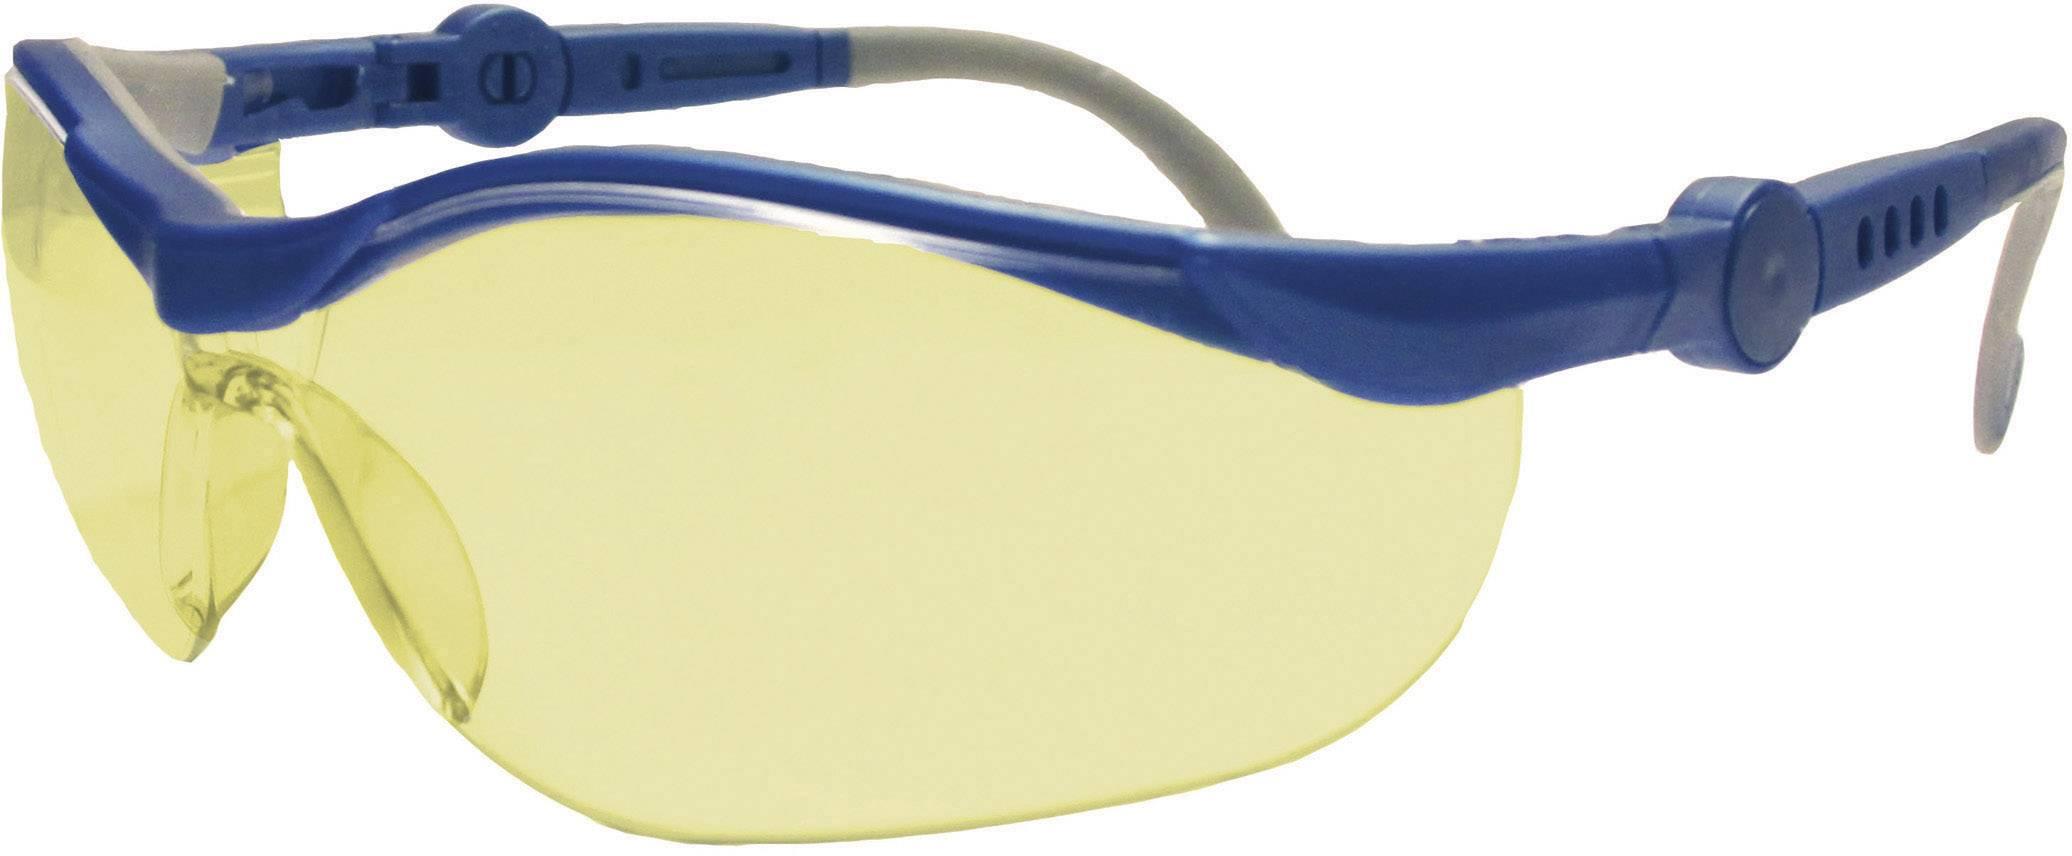 Ochranné okuliare Upixx Cycle Ergonomic, žlté